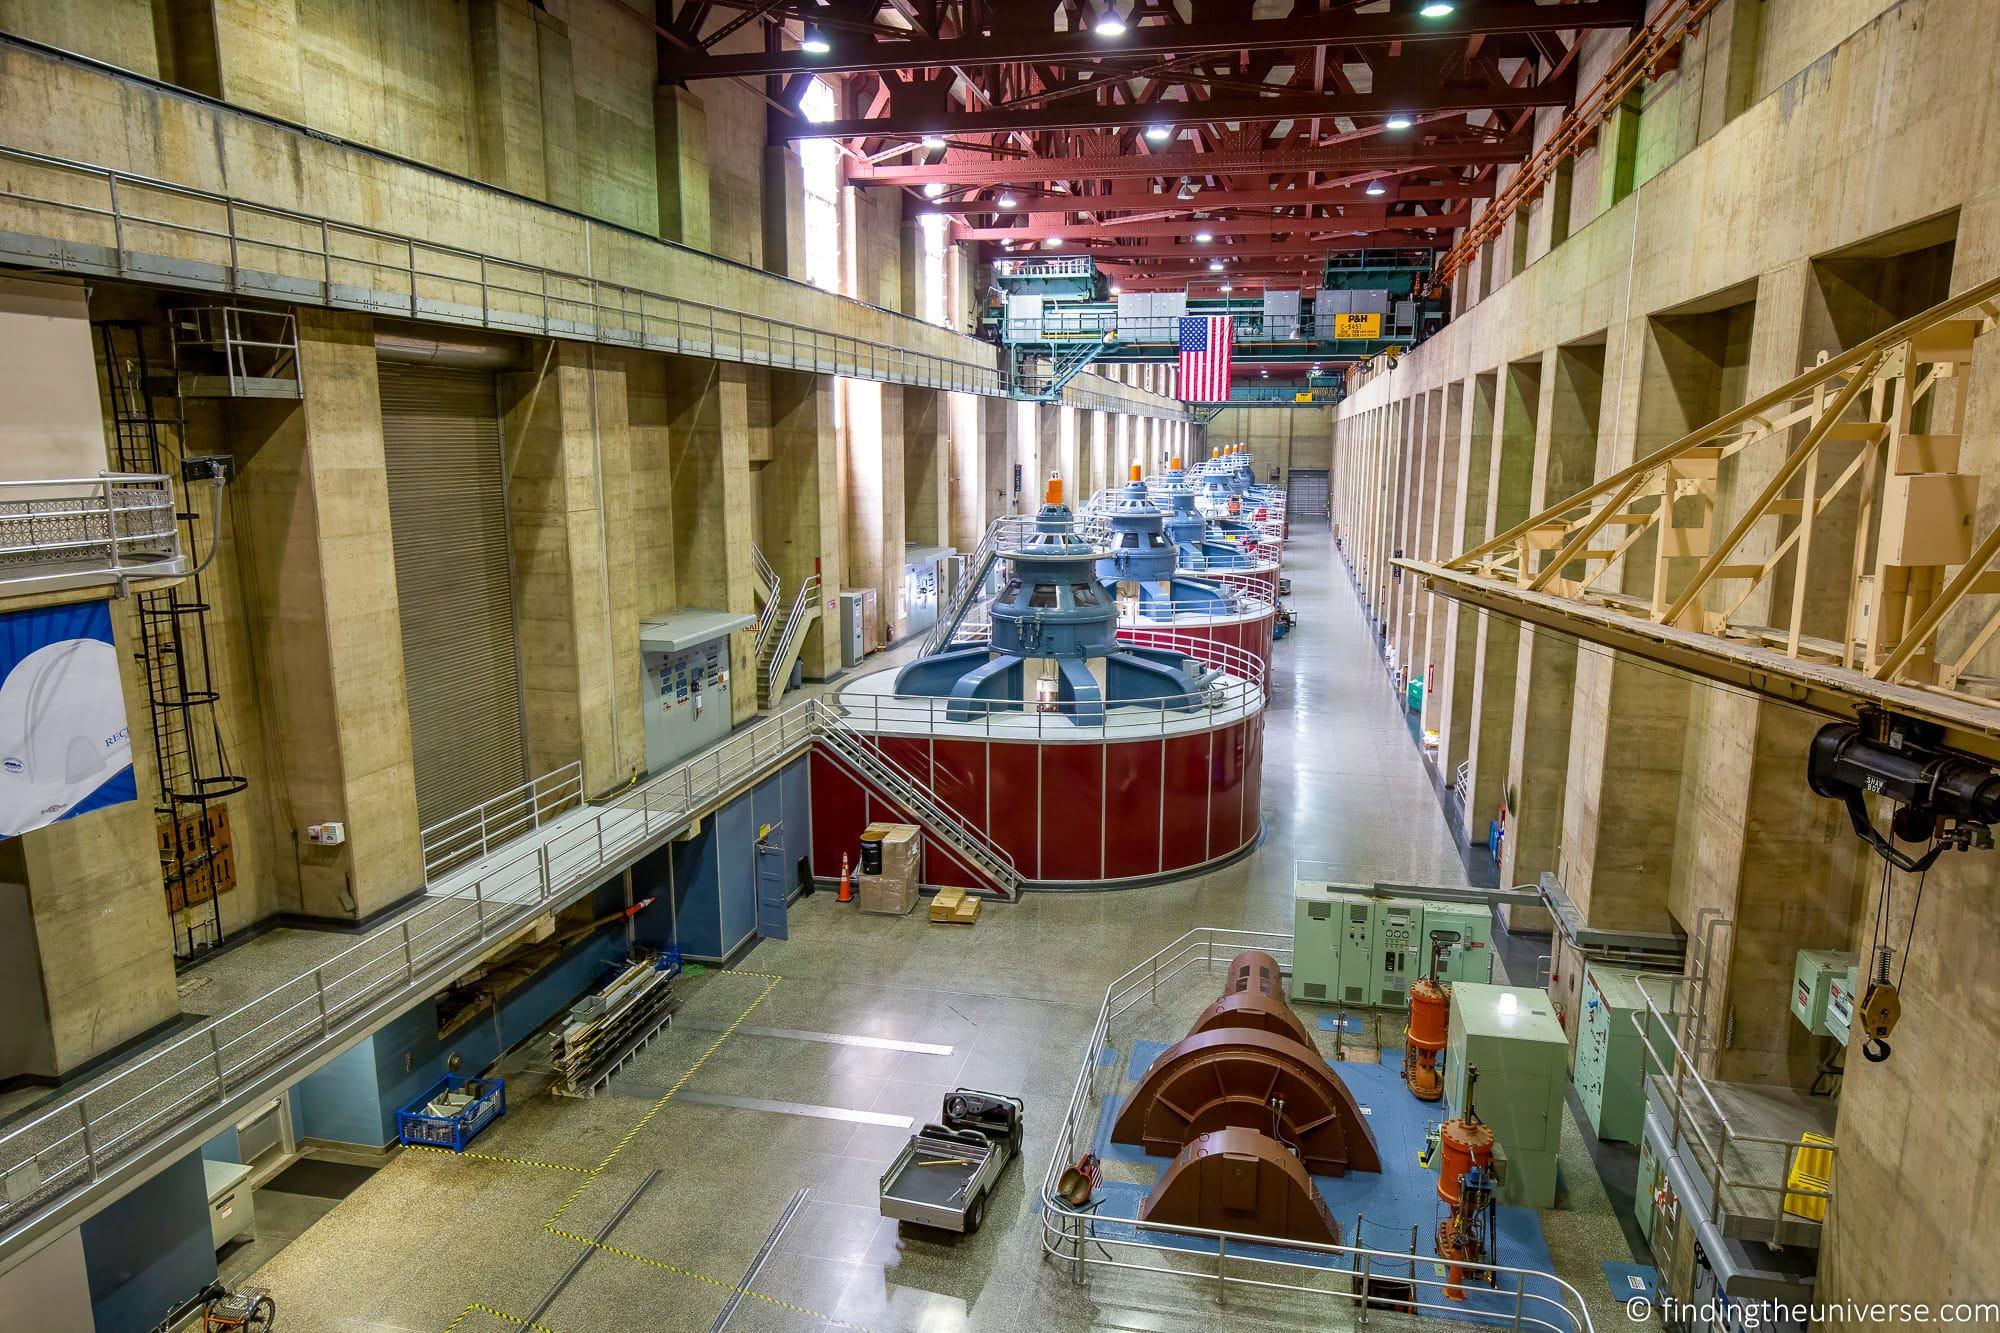 Hoover Dam Turbine Room